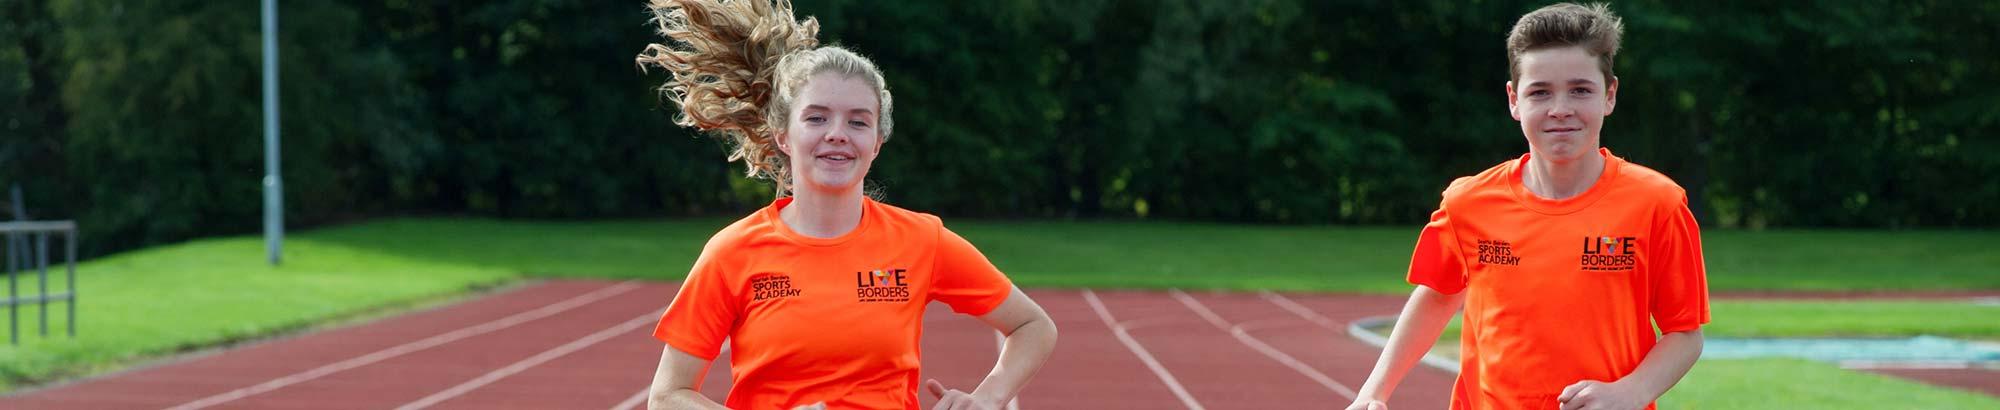 Sports-Active-Schools-Selkirk